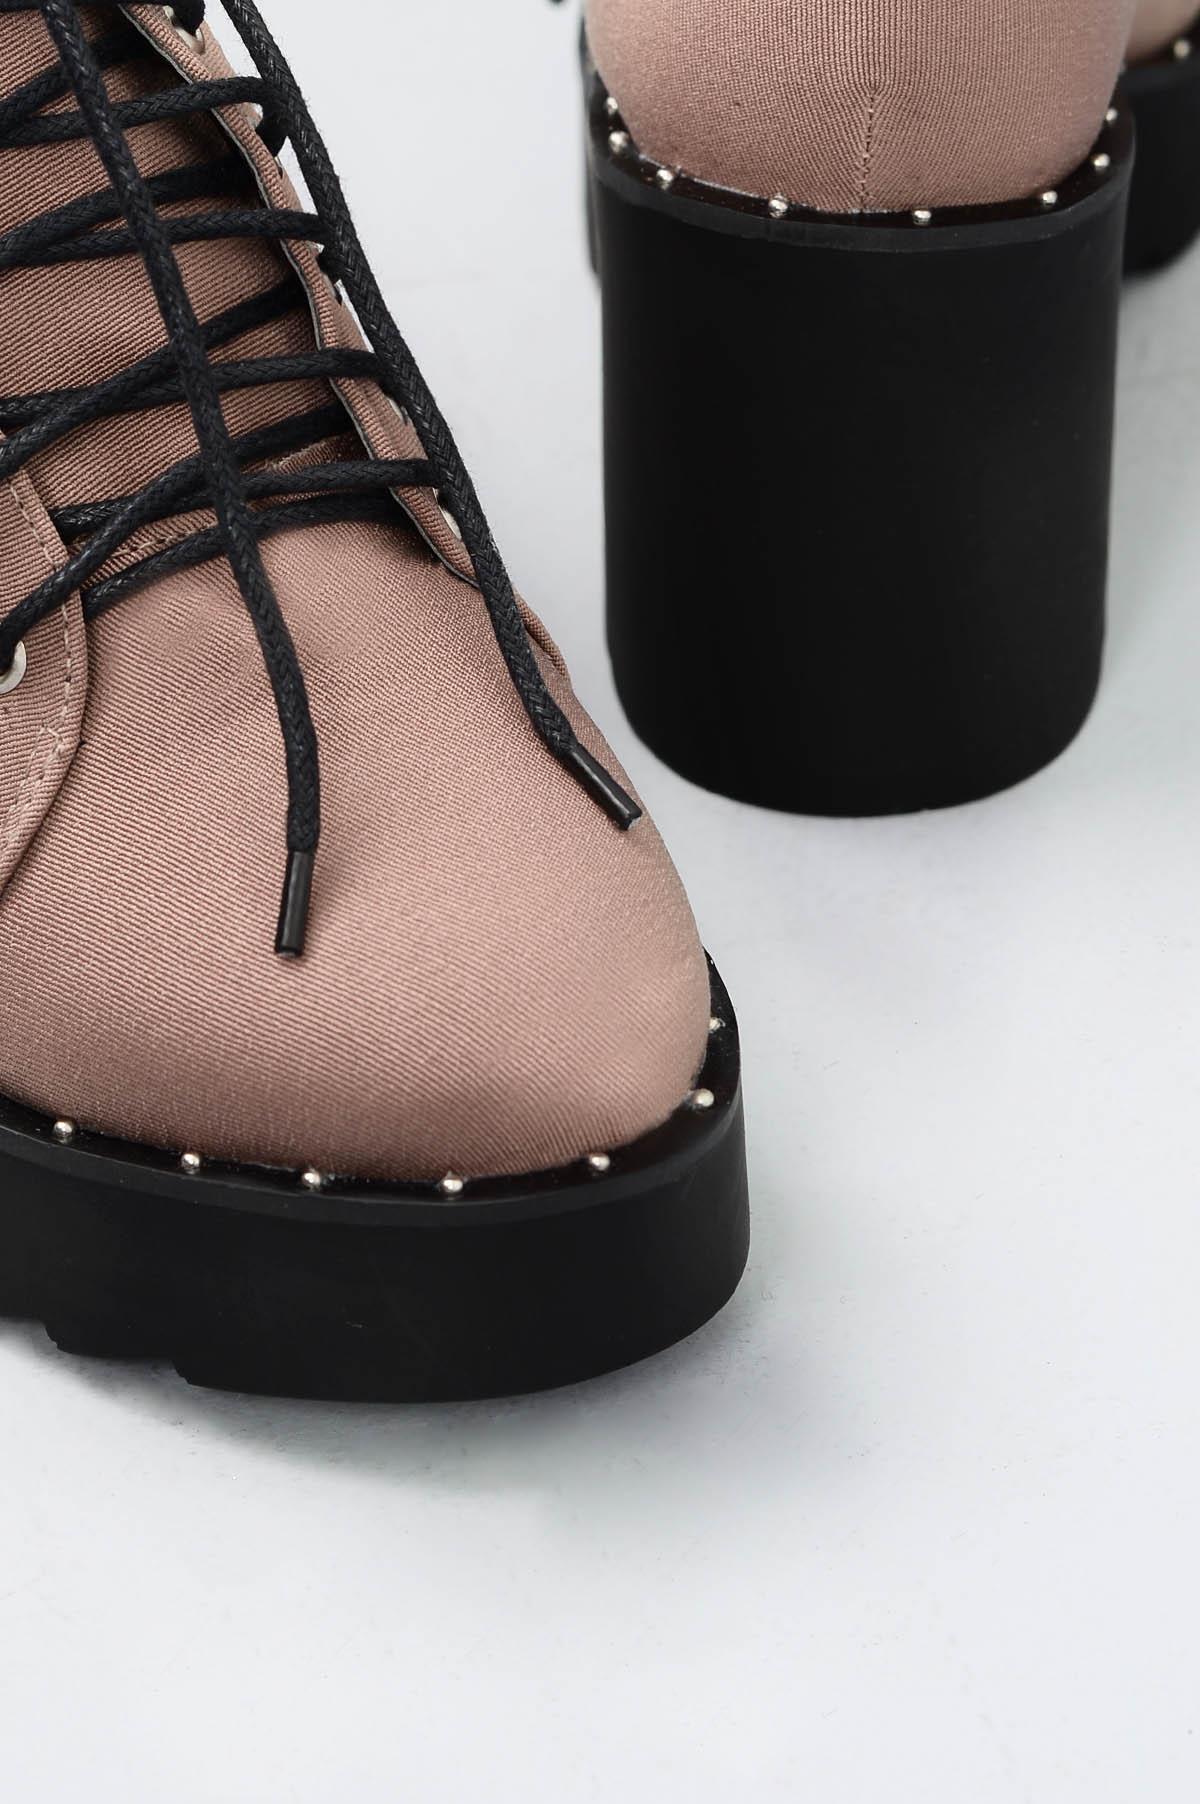 8ce1ca3472 Bota Coturno Valery Mundial TEC - CINZA - Mundial Calçados